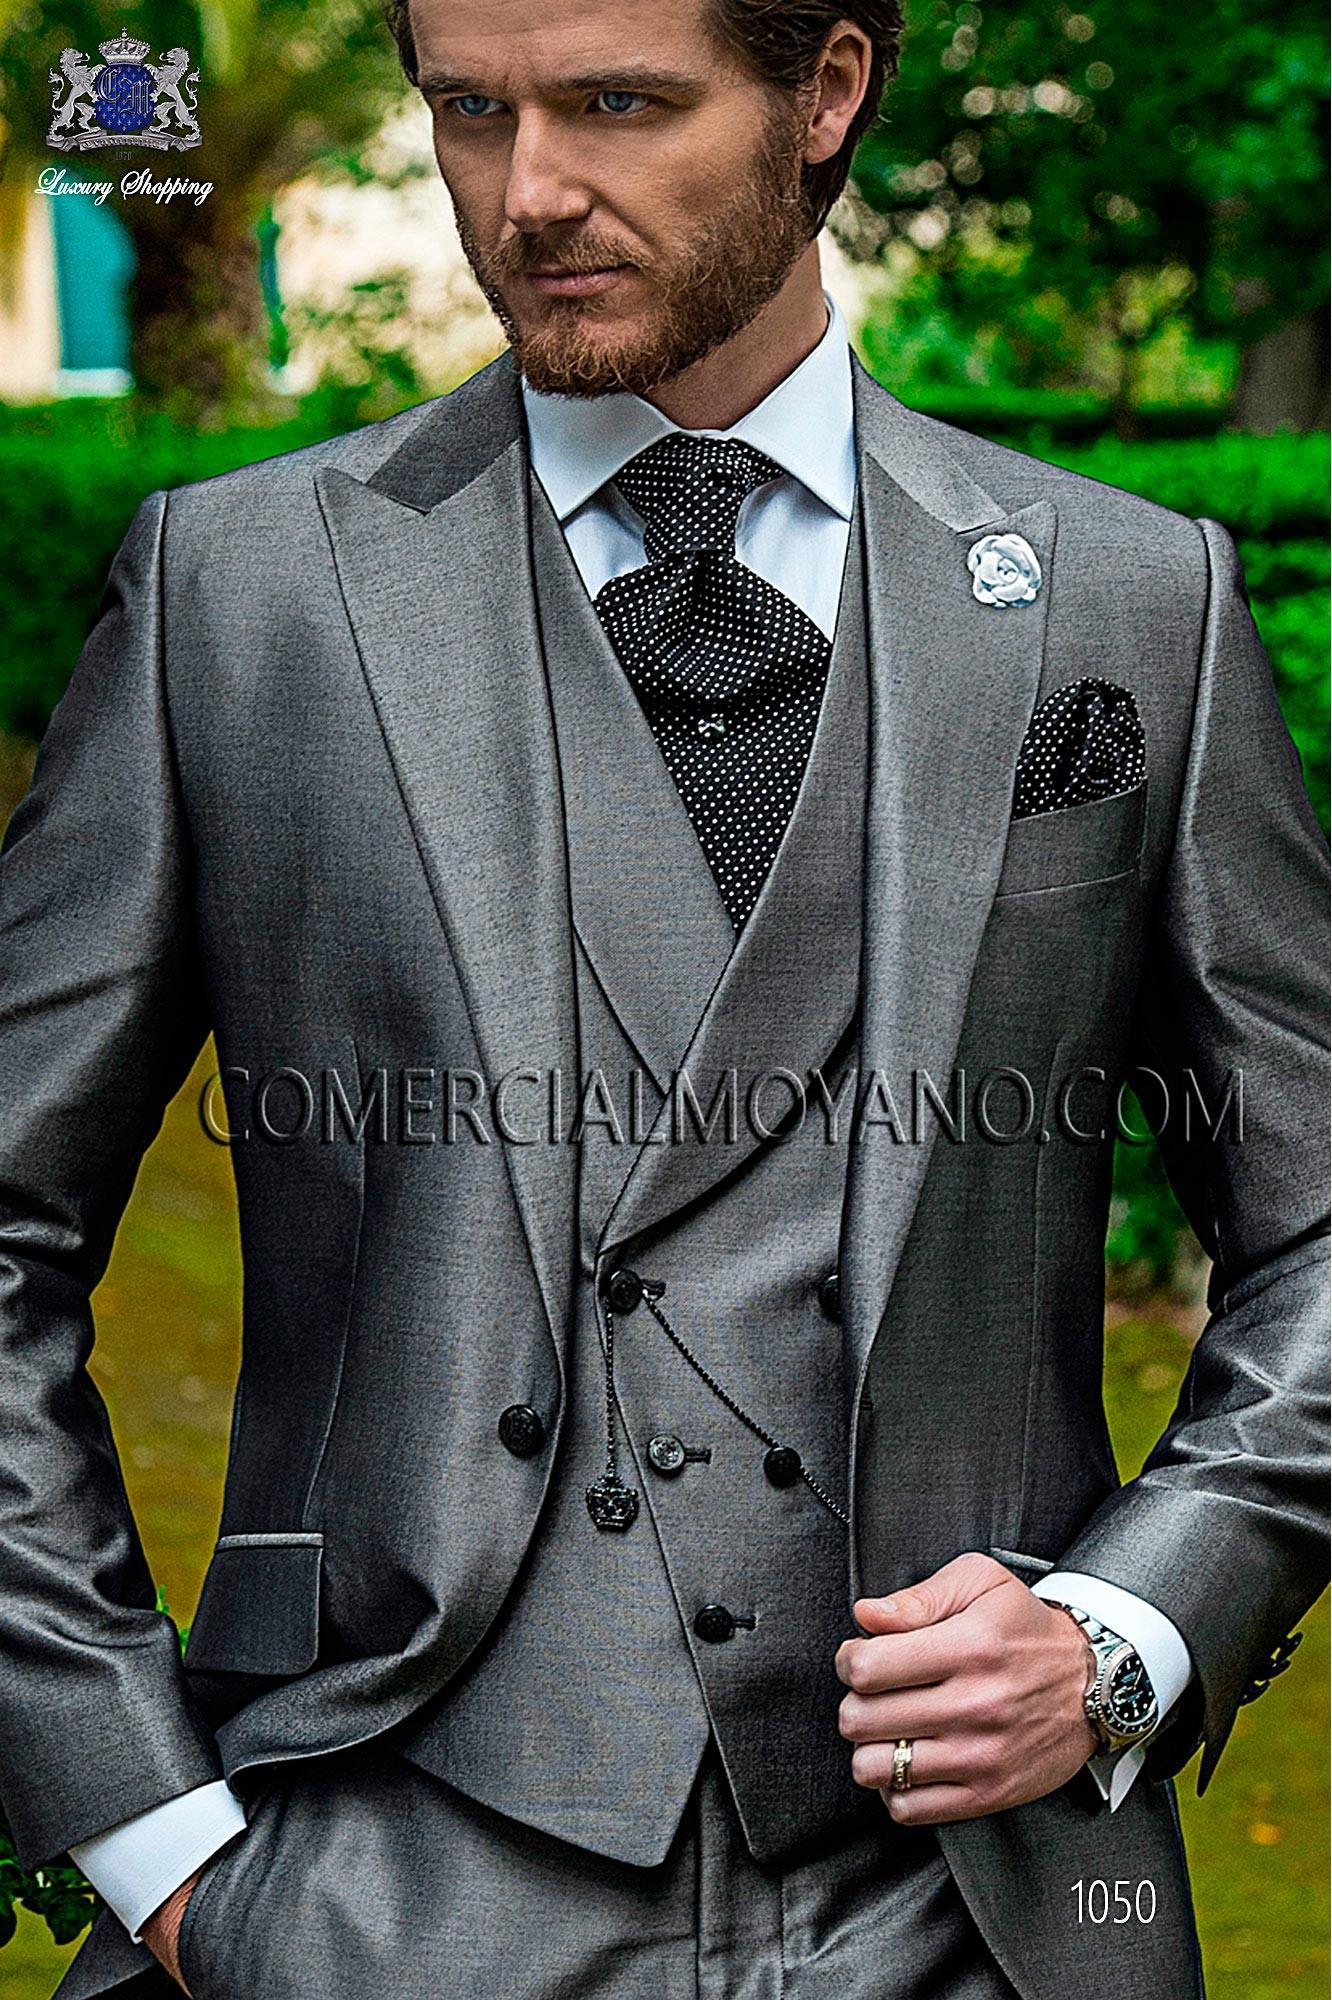 Traje Fashion de novio gris modelo: 1050 Ottavio Nuccio Gala colección Fashion